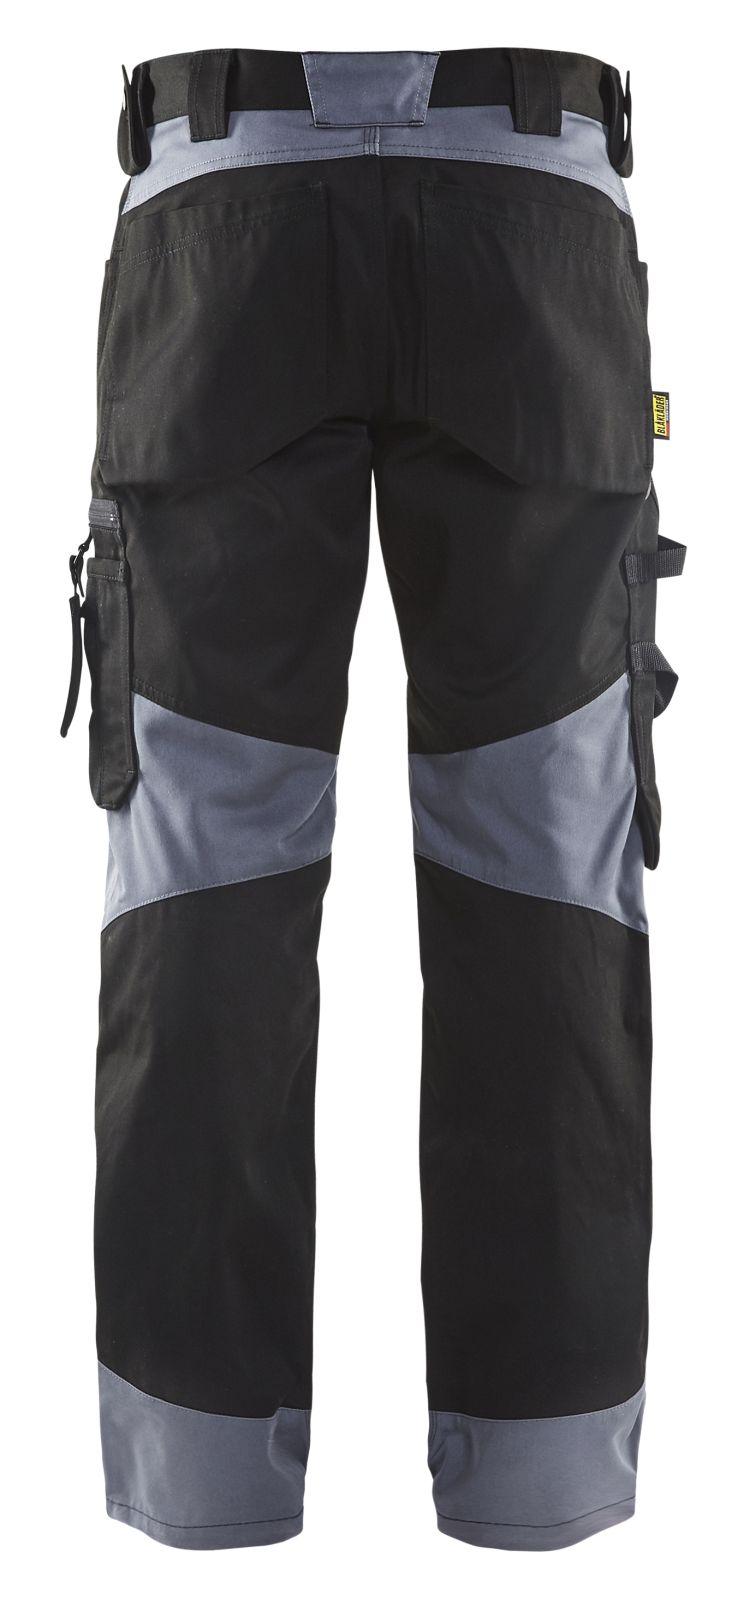 Blaklader Werkbroeken 15561860 zwart-grijs(9994)